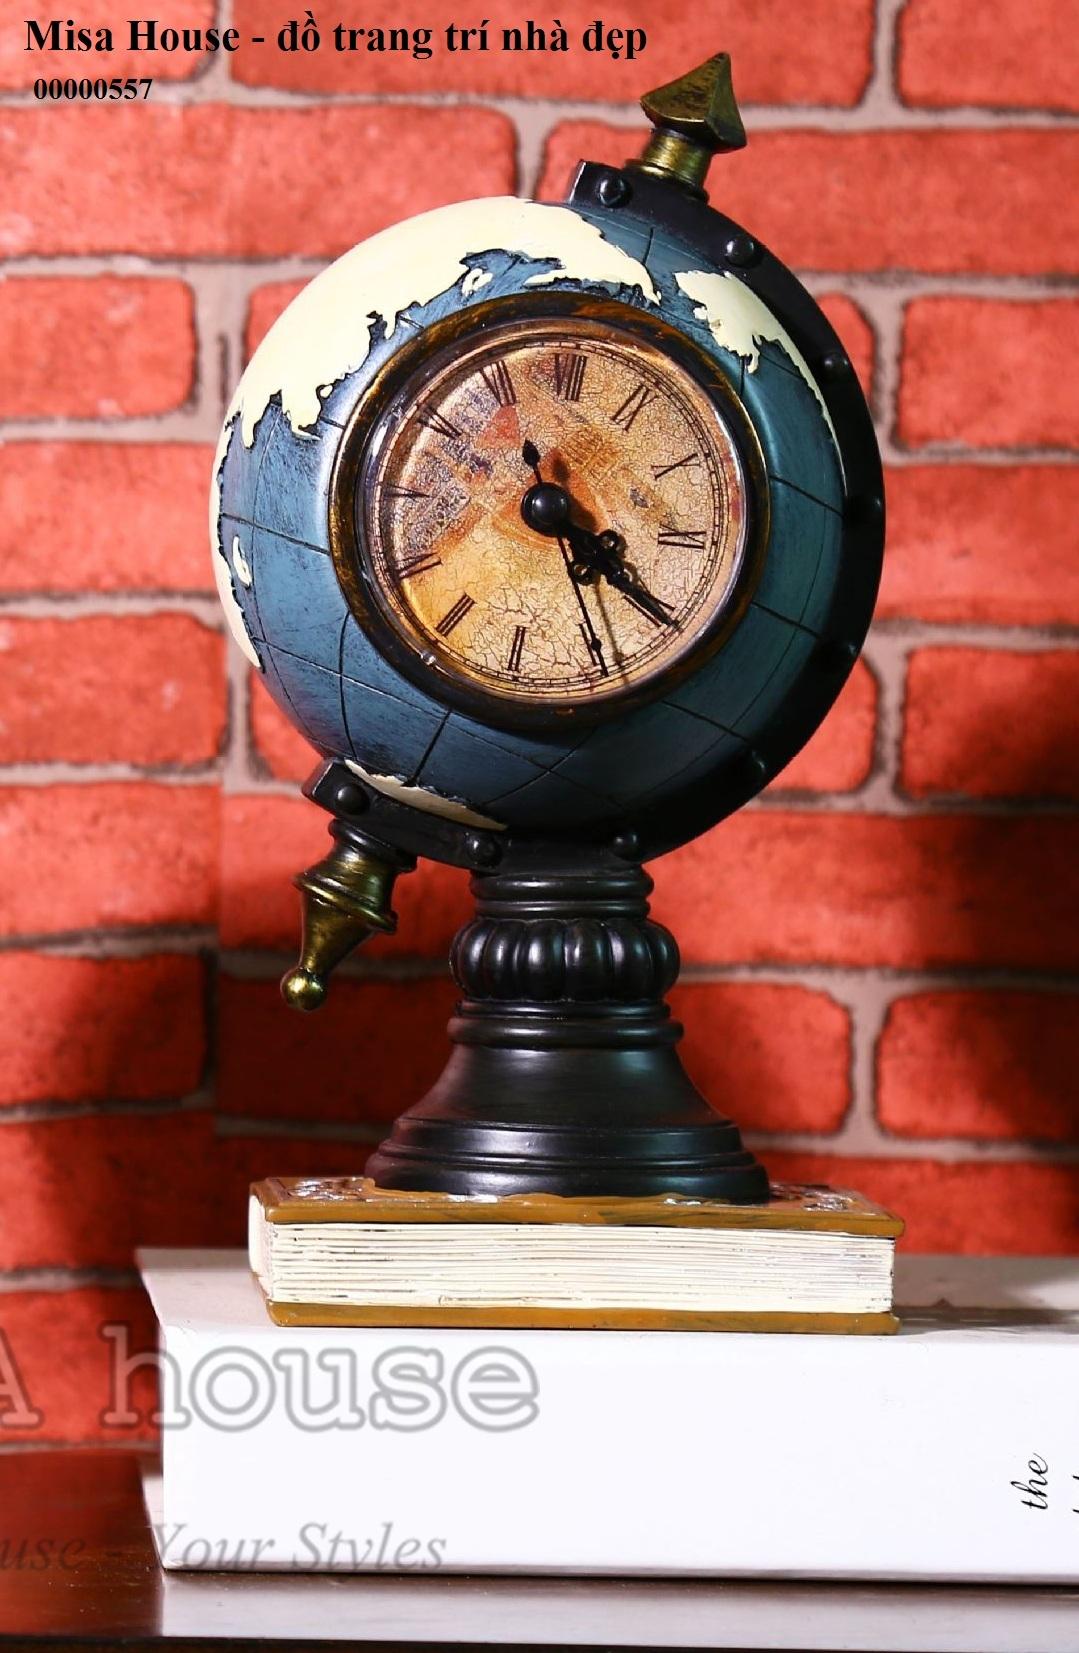 Đồng hồ trang trí để bàn trang trí tủ kệ phòng khách- Mô hình quả địa cầu đẹp độc lạ để bàn phong cách vintage